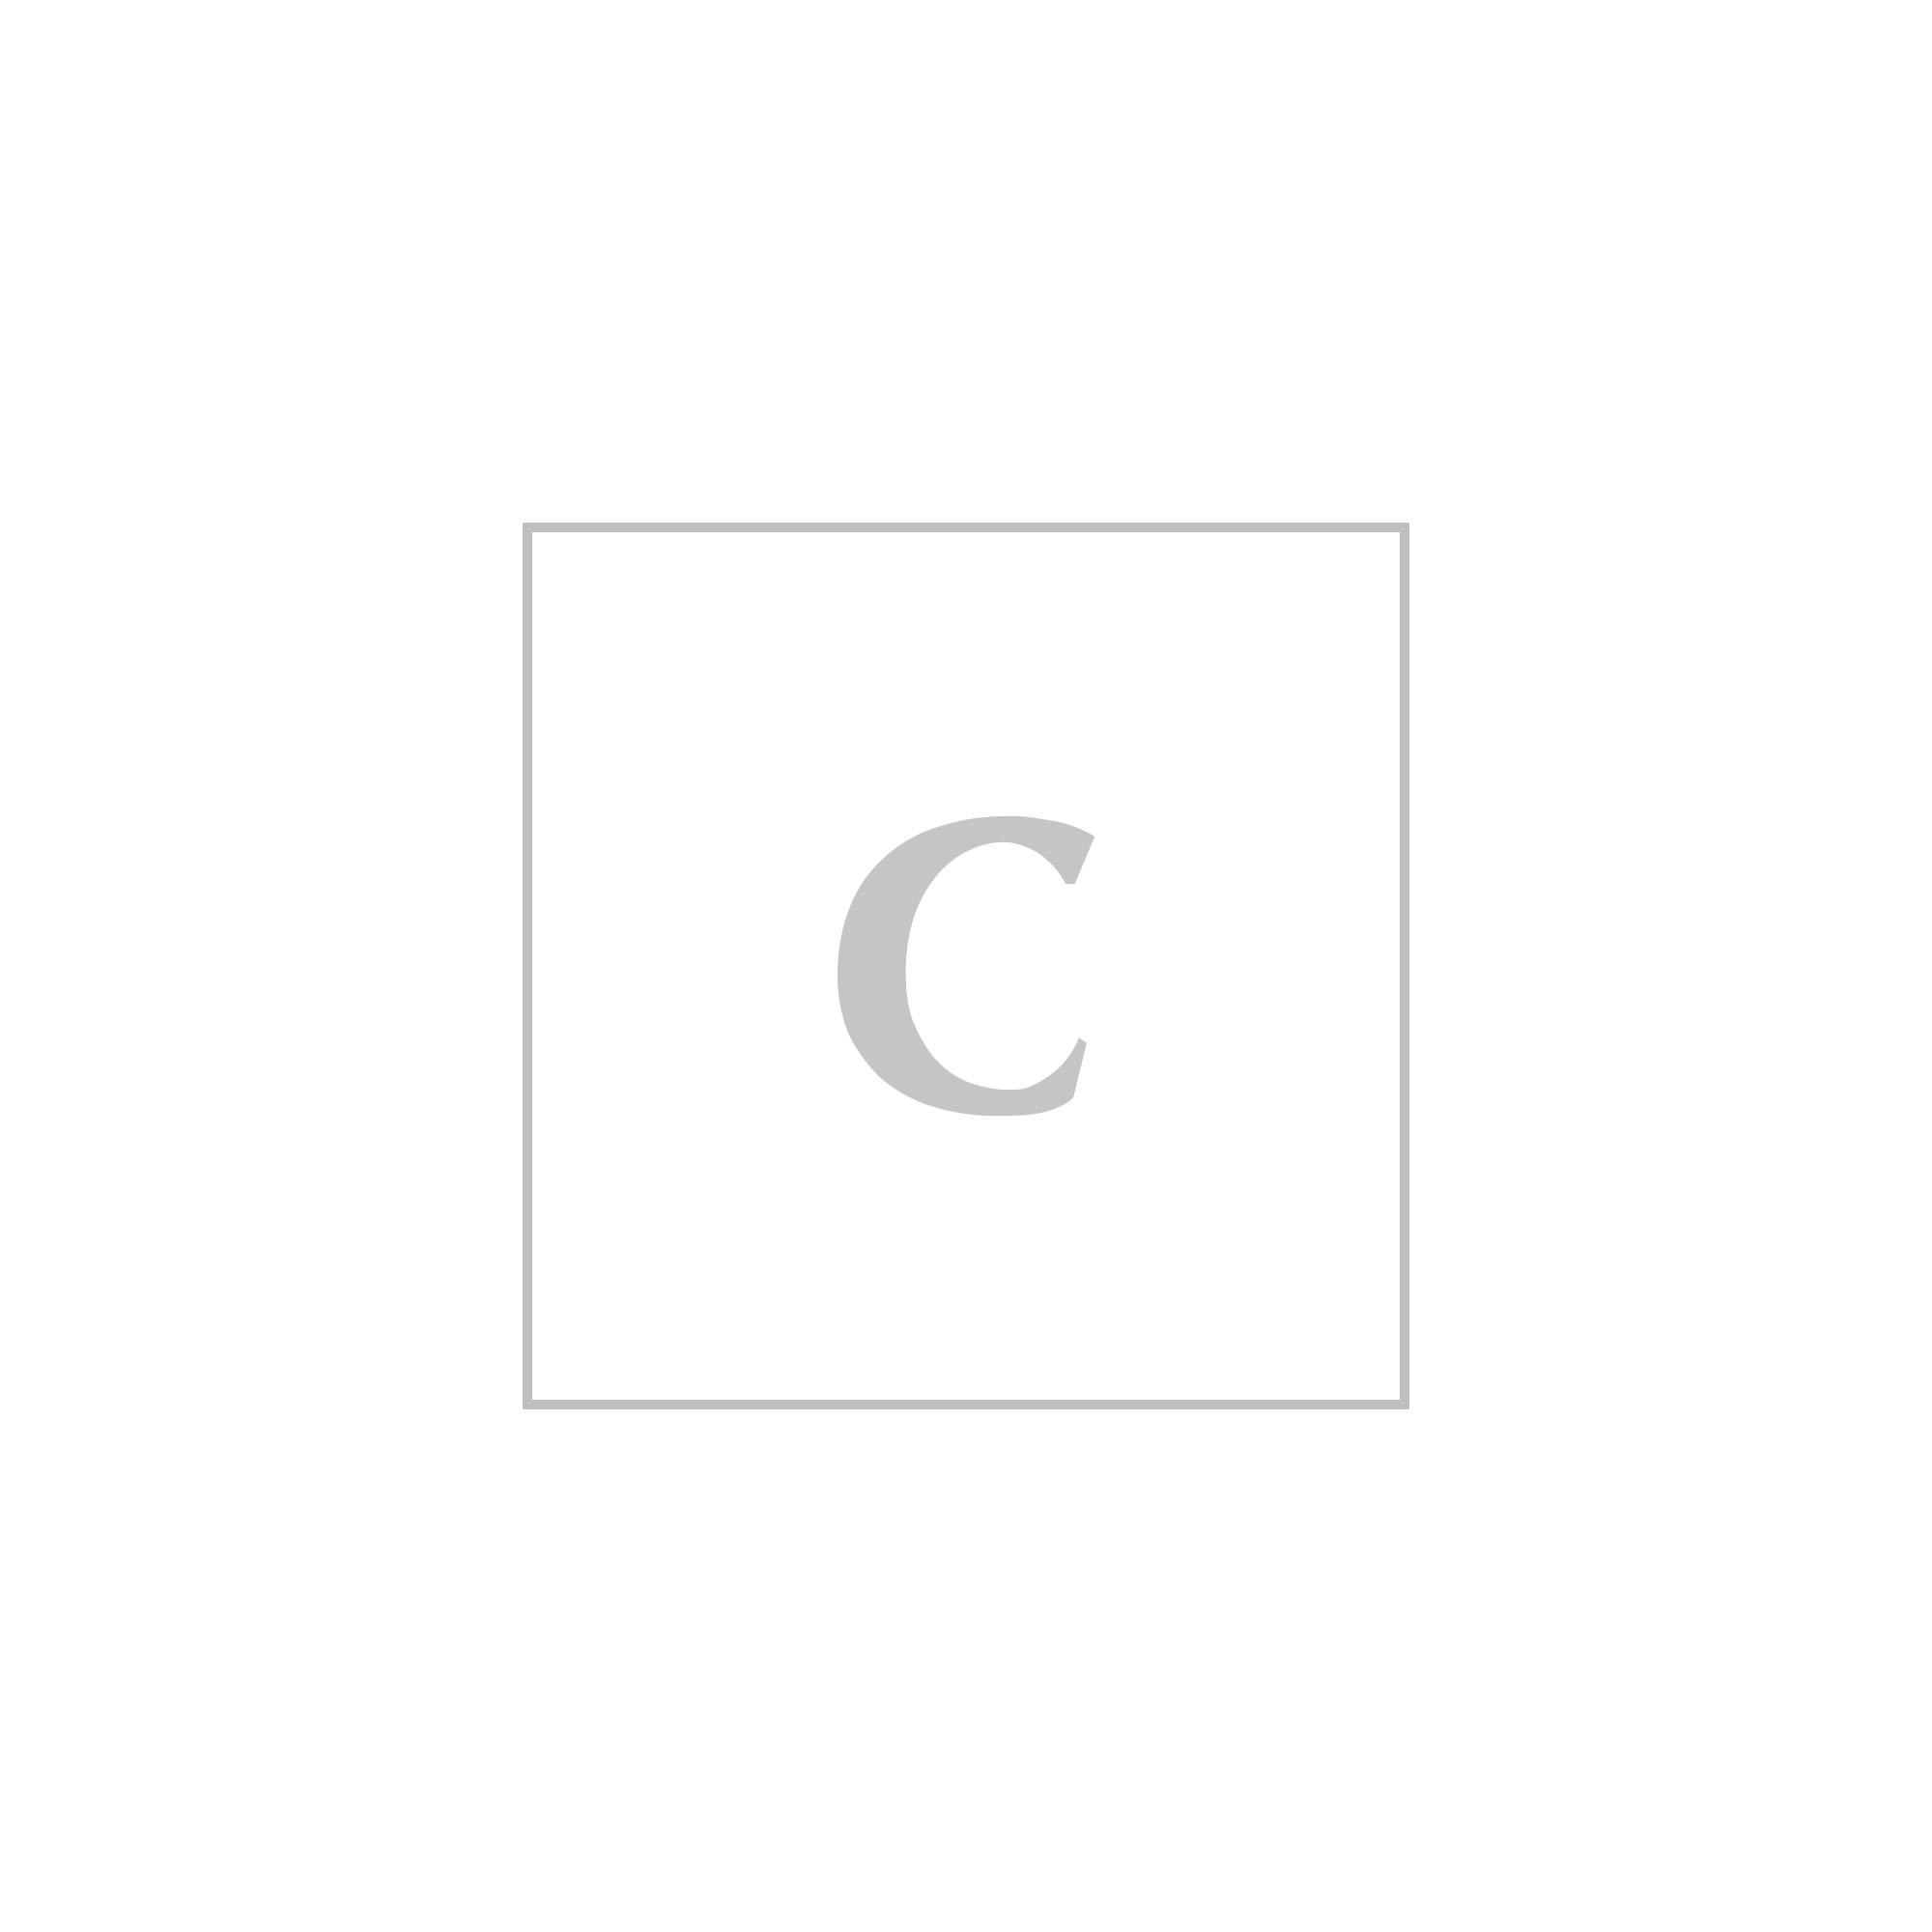 Saint laurent monogram minibag